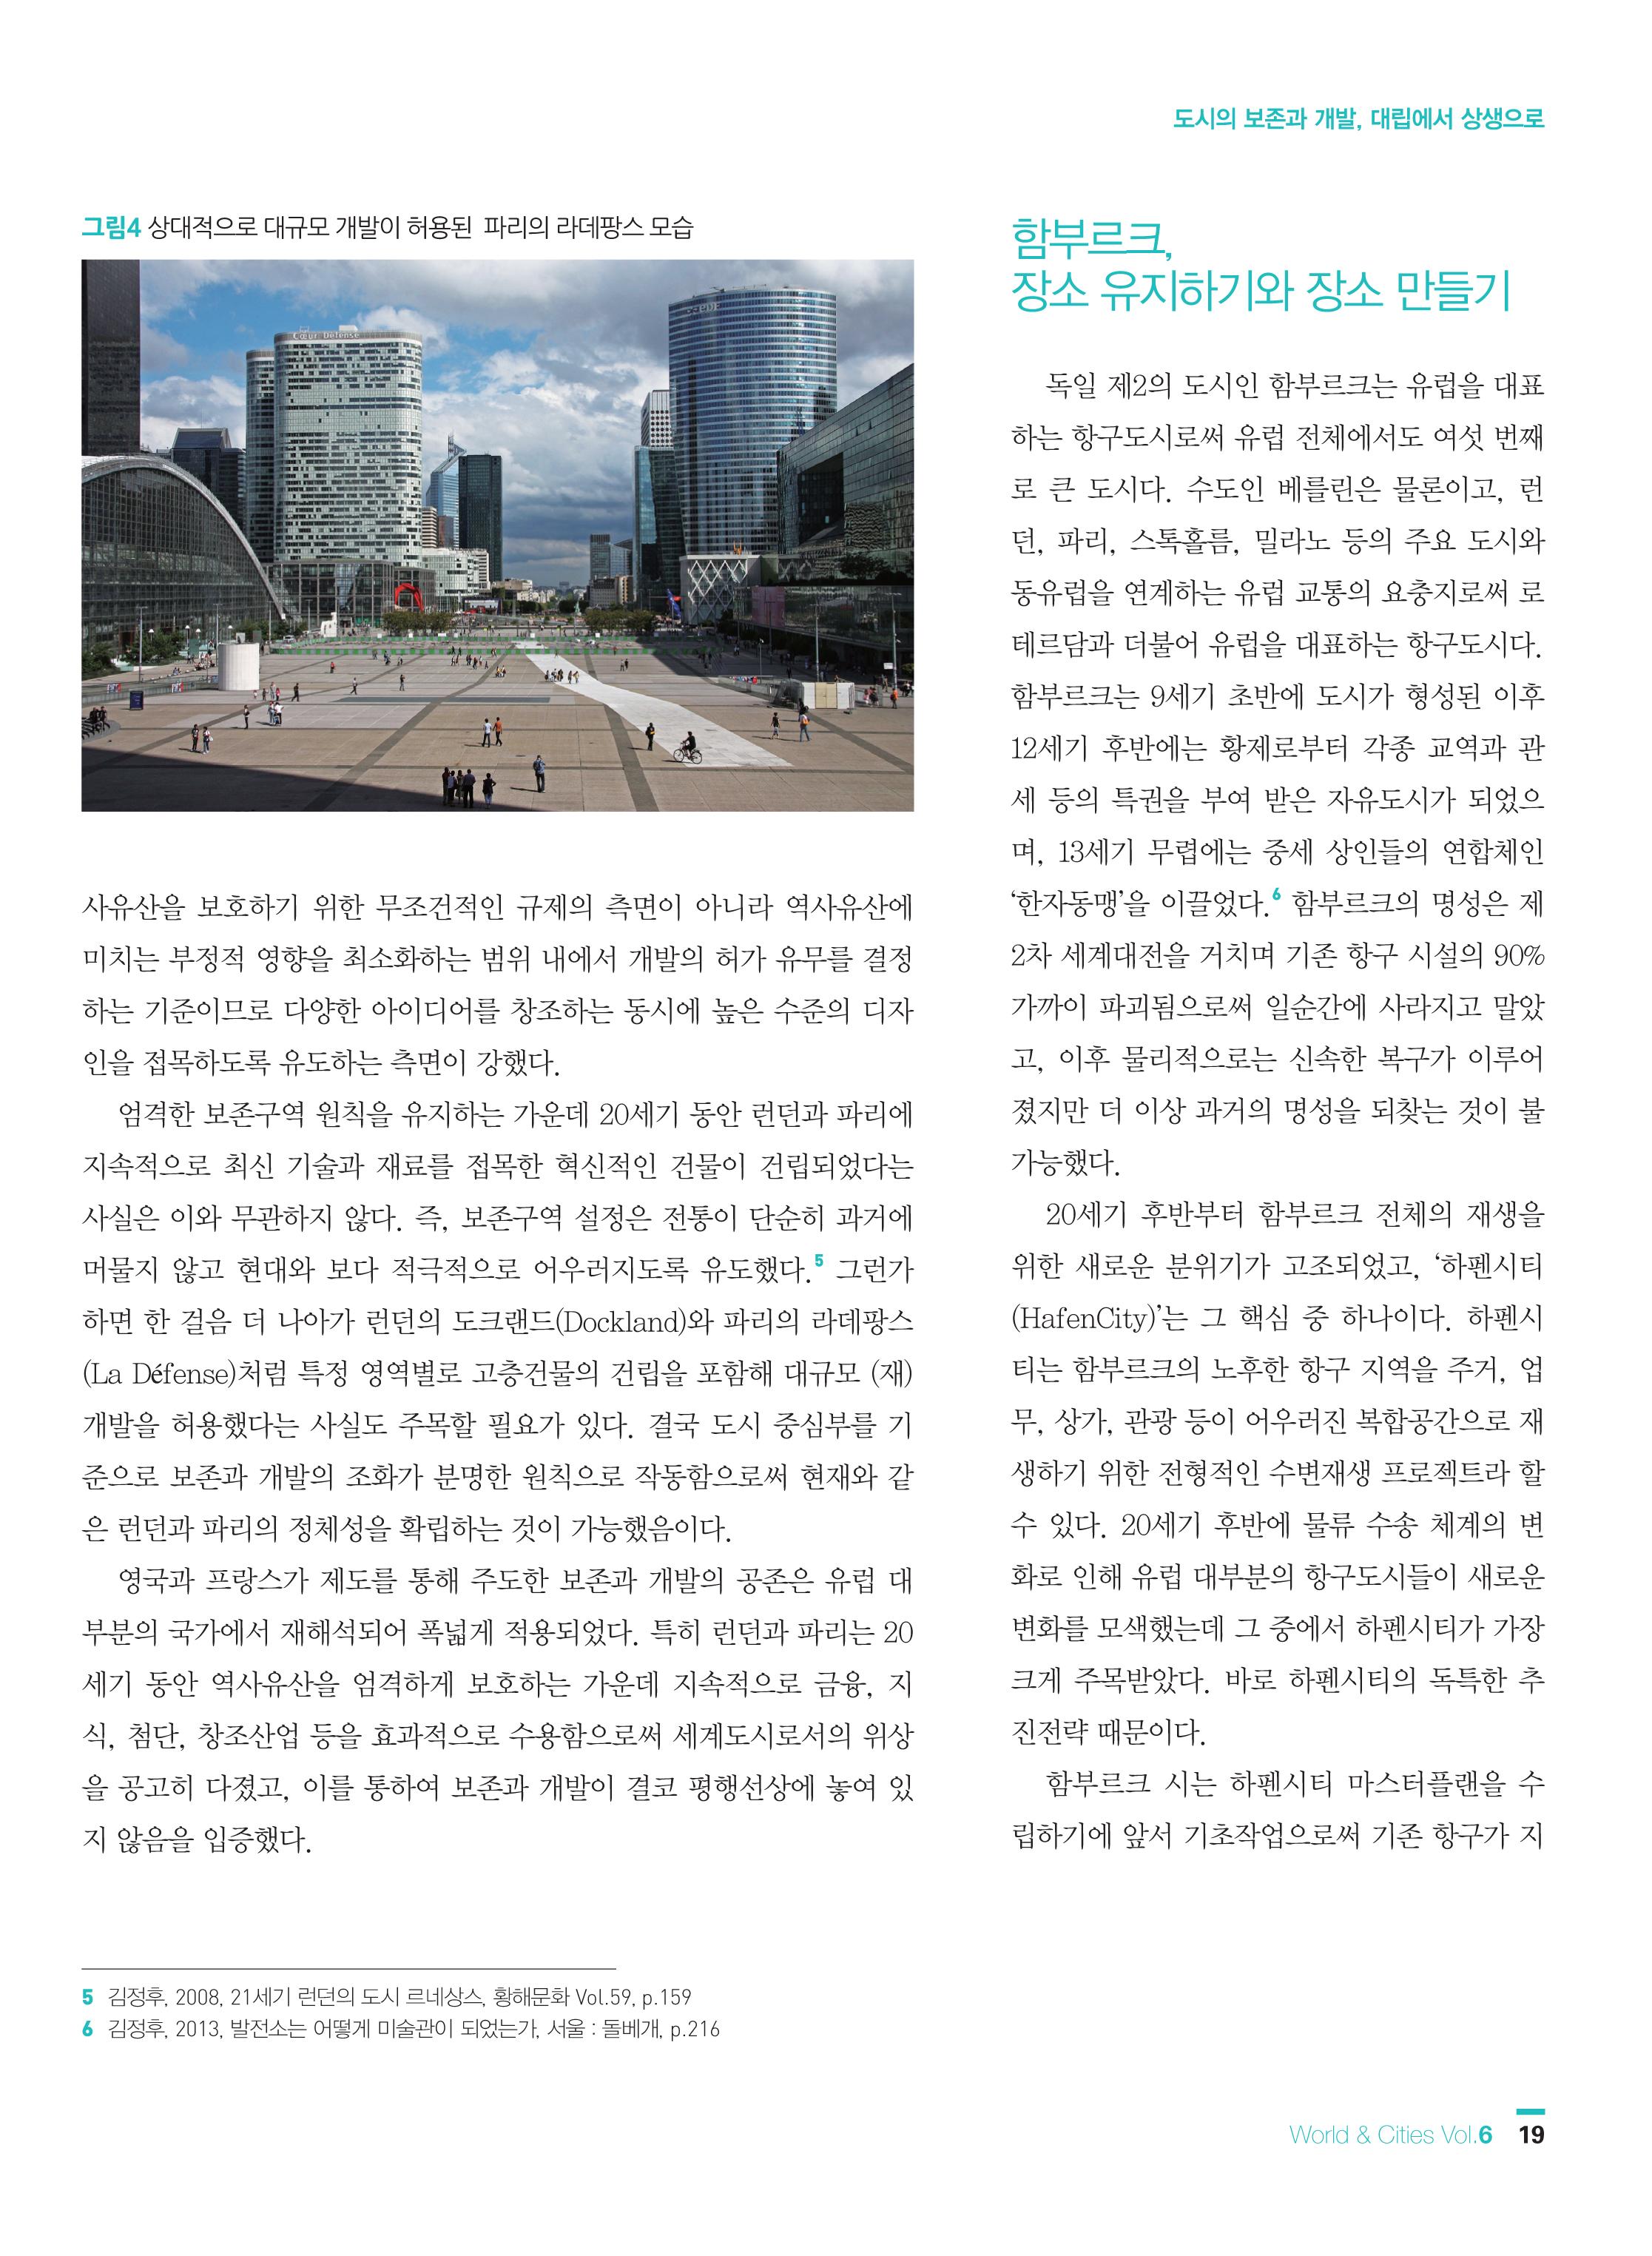 세계와도시 6호 컬러 특집1 -4.jpg